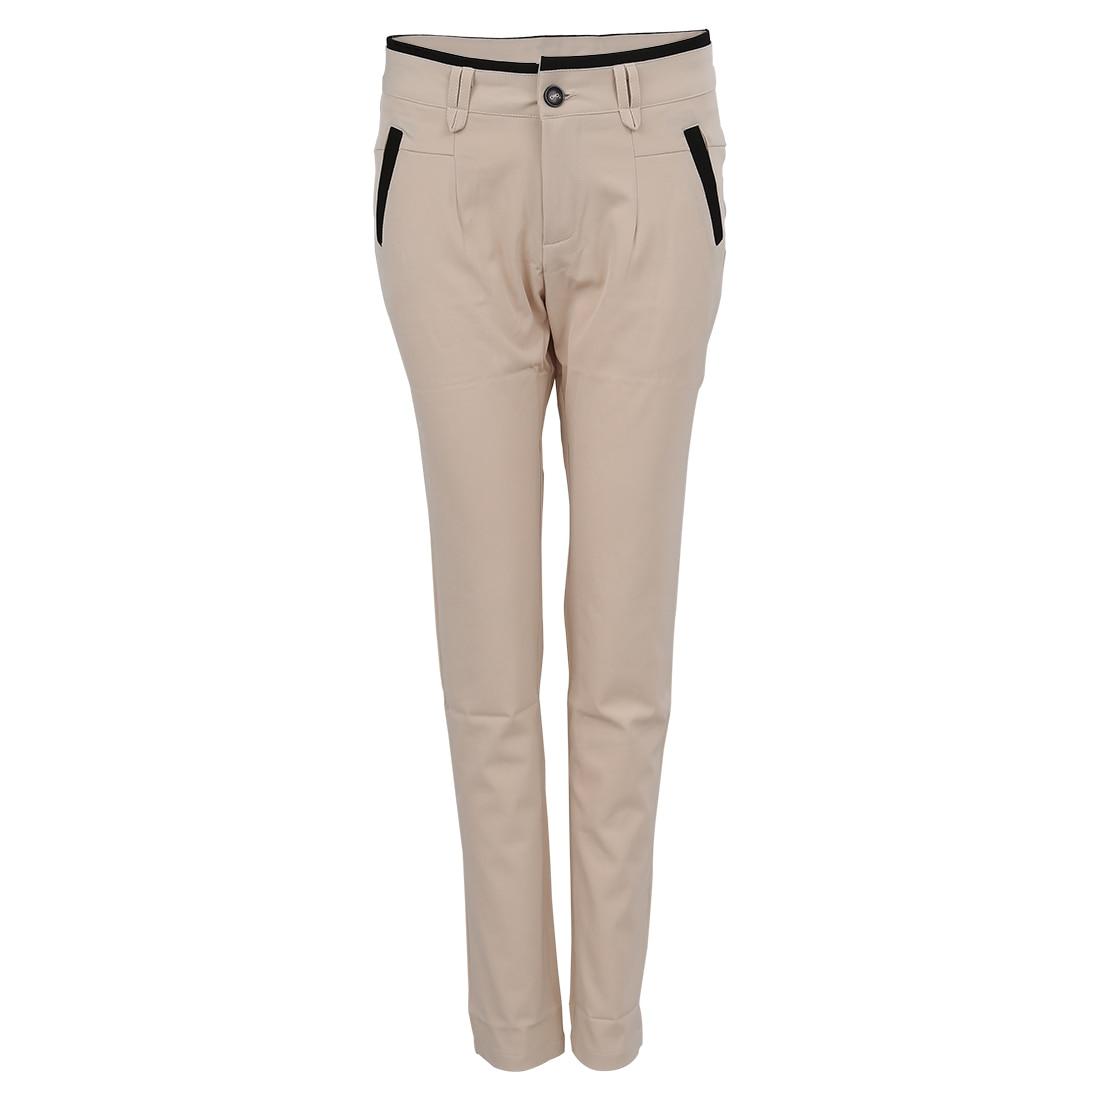 Celana Kasual Ol Pensil Wanita Panjang Ramping Dengan Sabuk Khaki